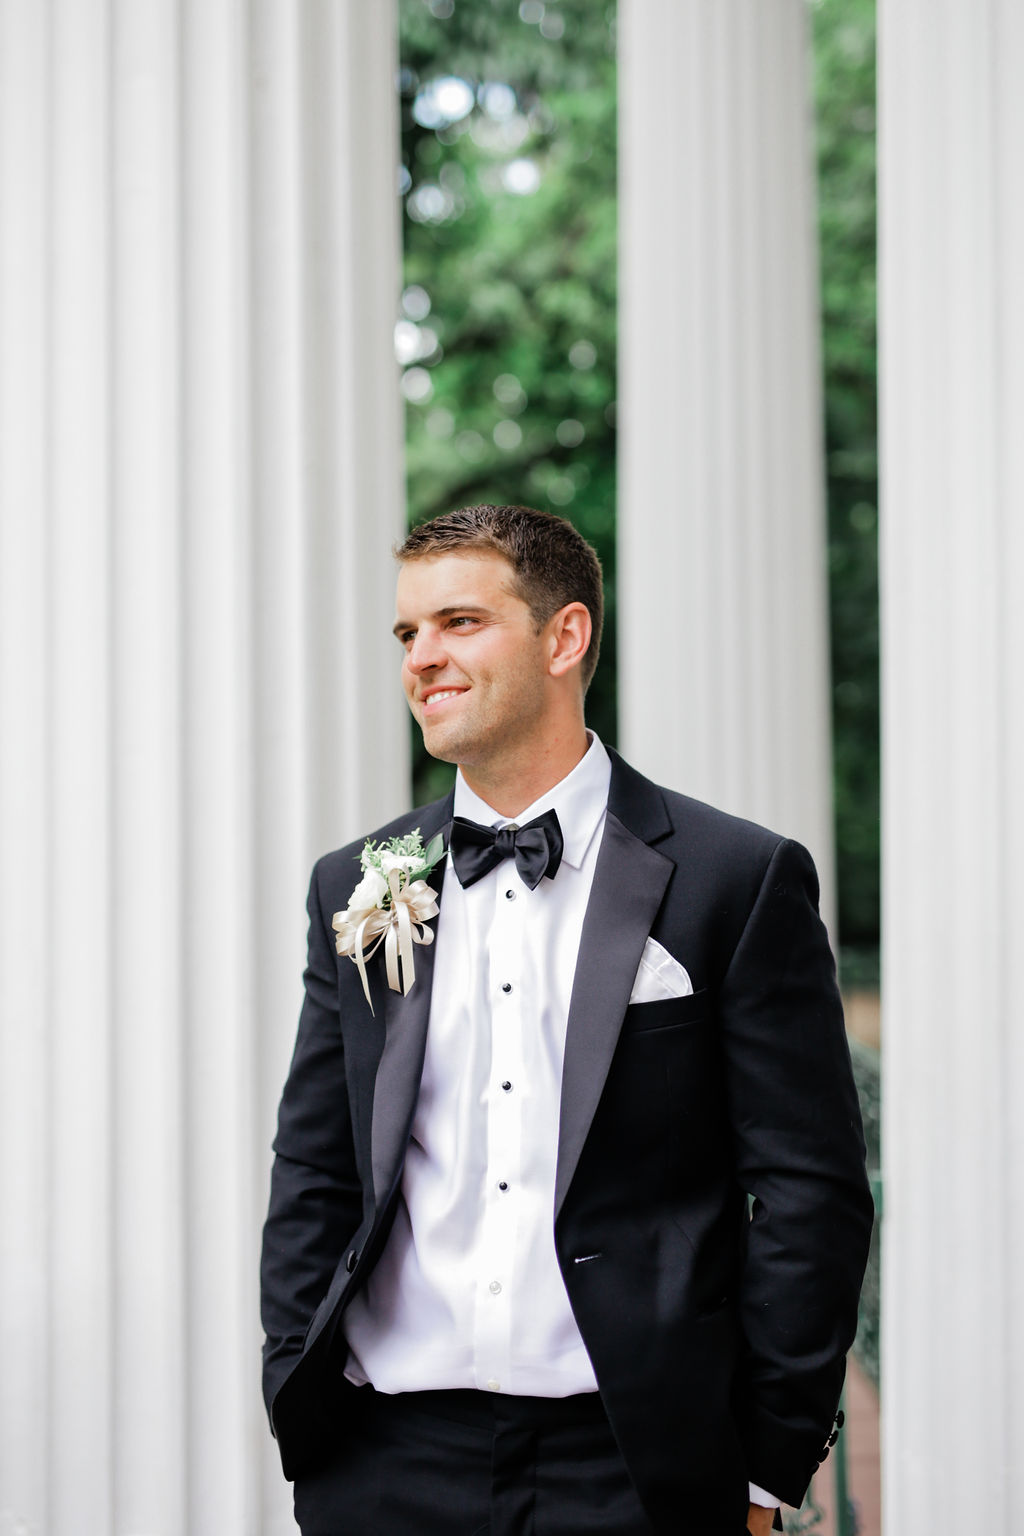 JoS A. Banks wedding tuxedo for Nashville wedding